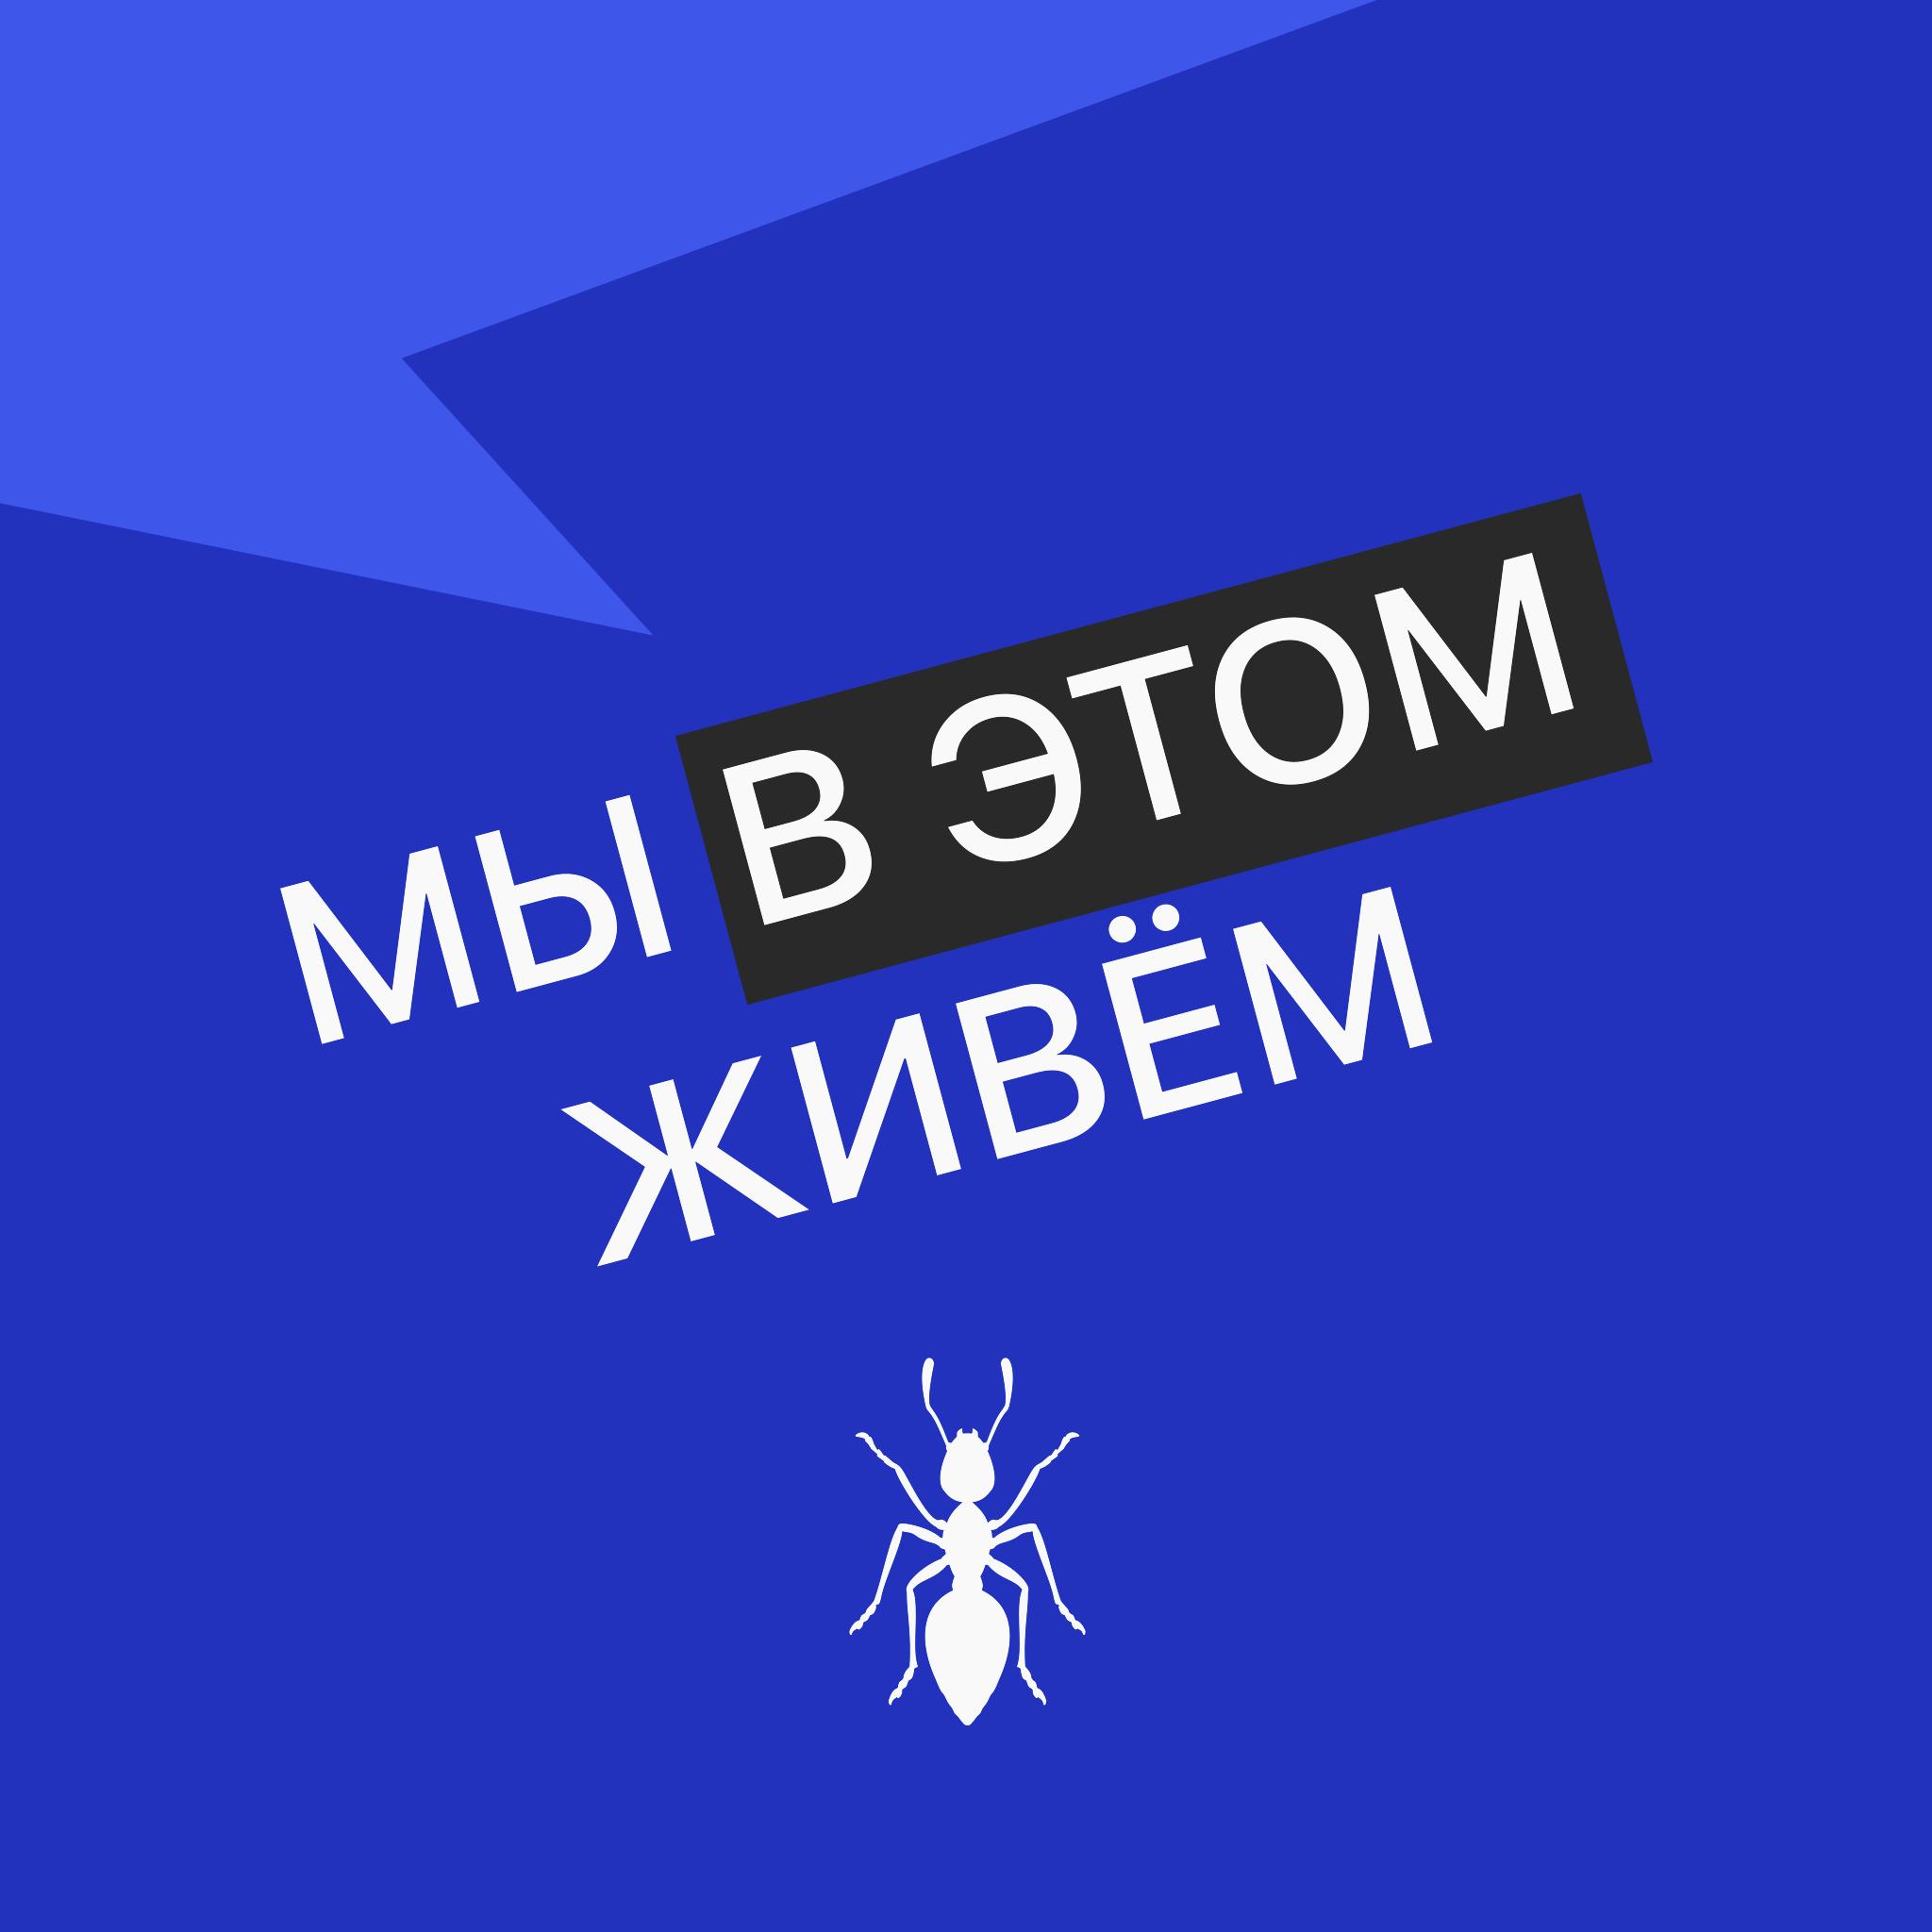 Творческий коллектив Mojomedia Выпуск № 34 s05 — Начальник отдела красавчиков